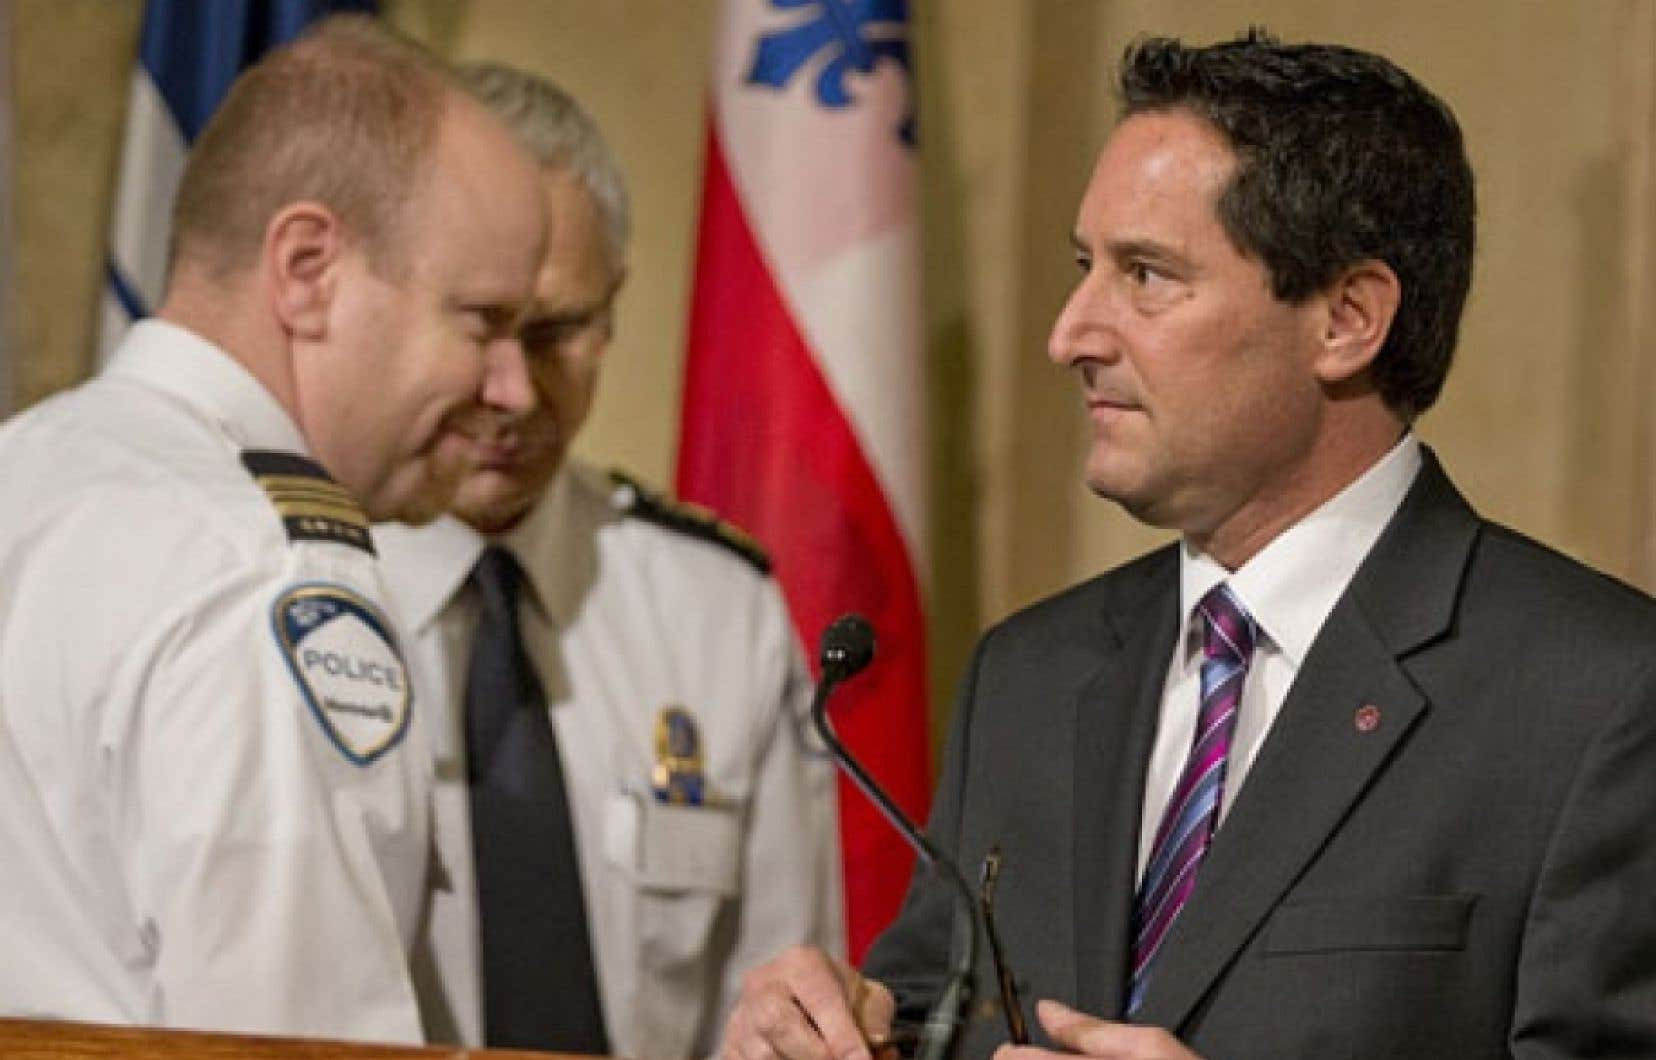 L'Escouade de protection de l'intégrité municipale (EPIM) a été créée à la hâte par la Ville de Montréal en janvier 2013 alors que Michael Applebaum était maire.